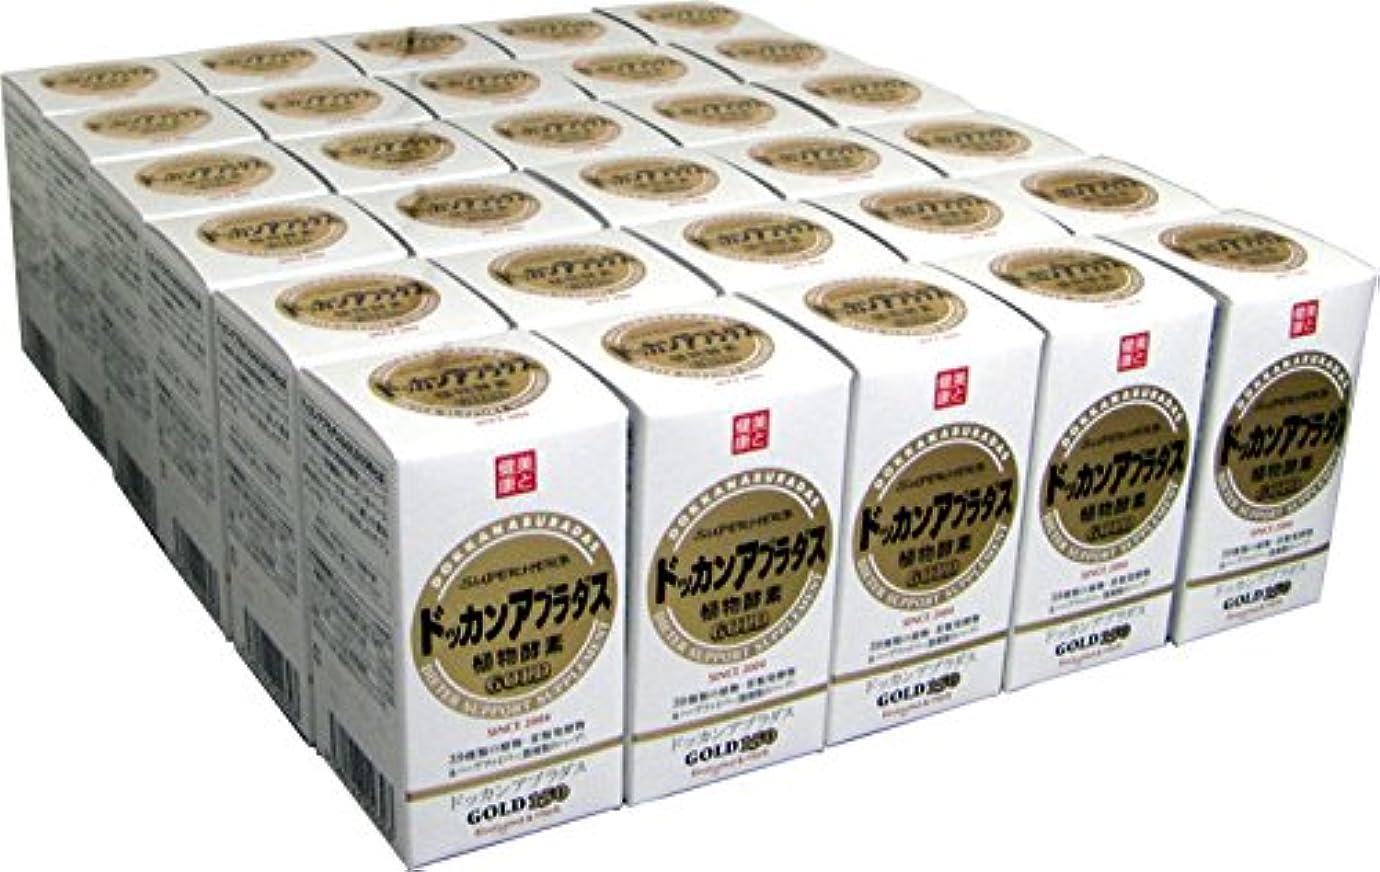 ヘクタールシャベル事実上ドッカンアブラダスゴールド 150粒入×30個セット